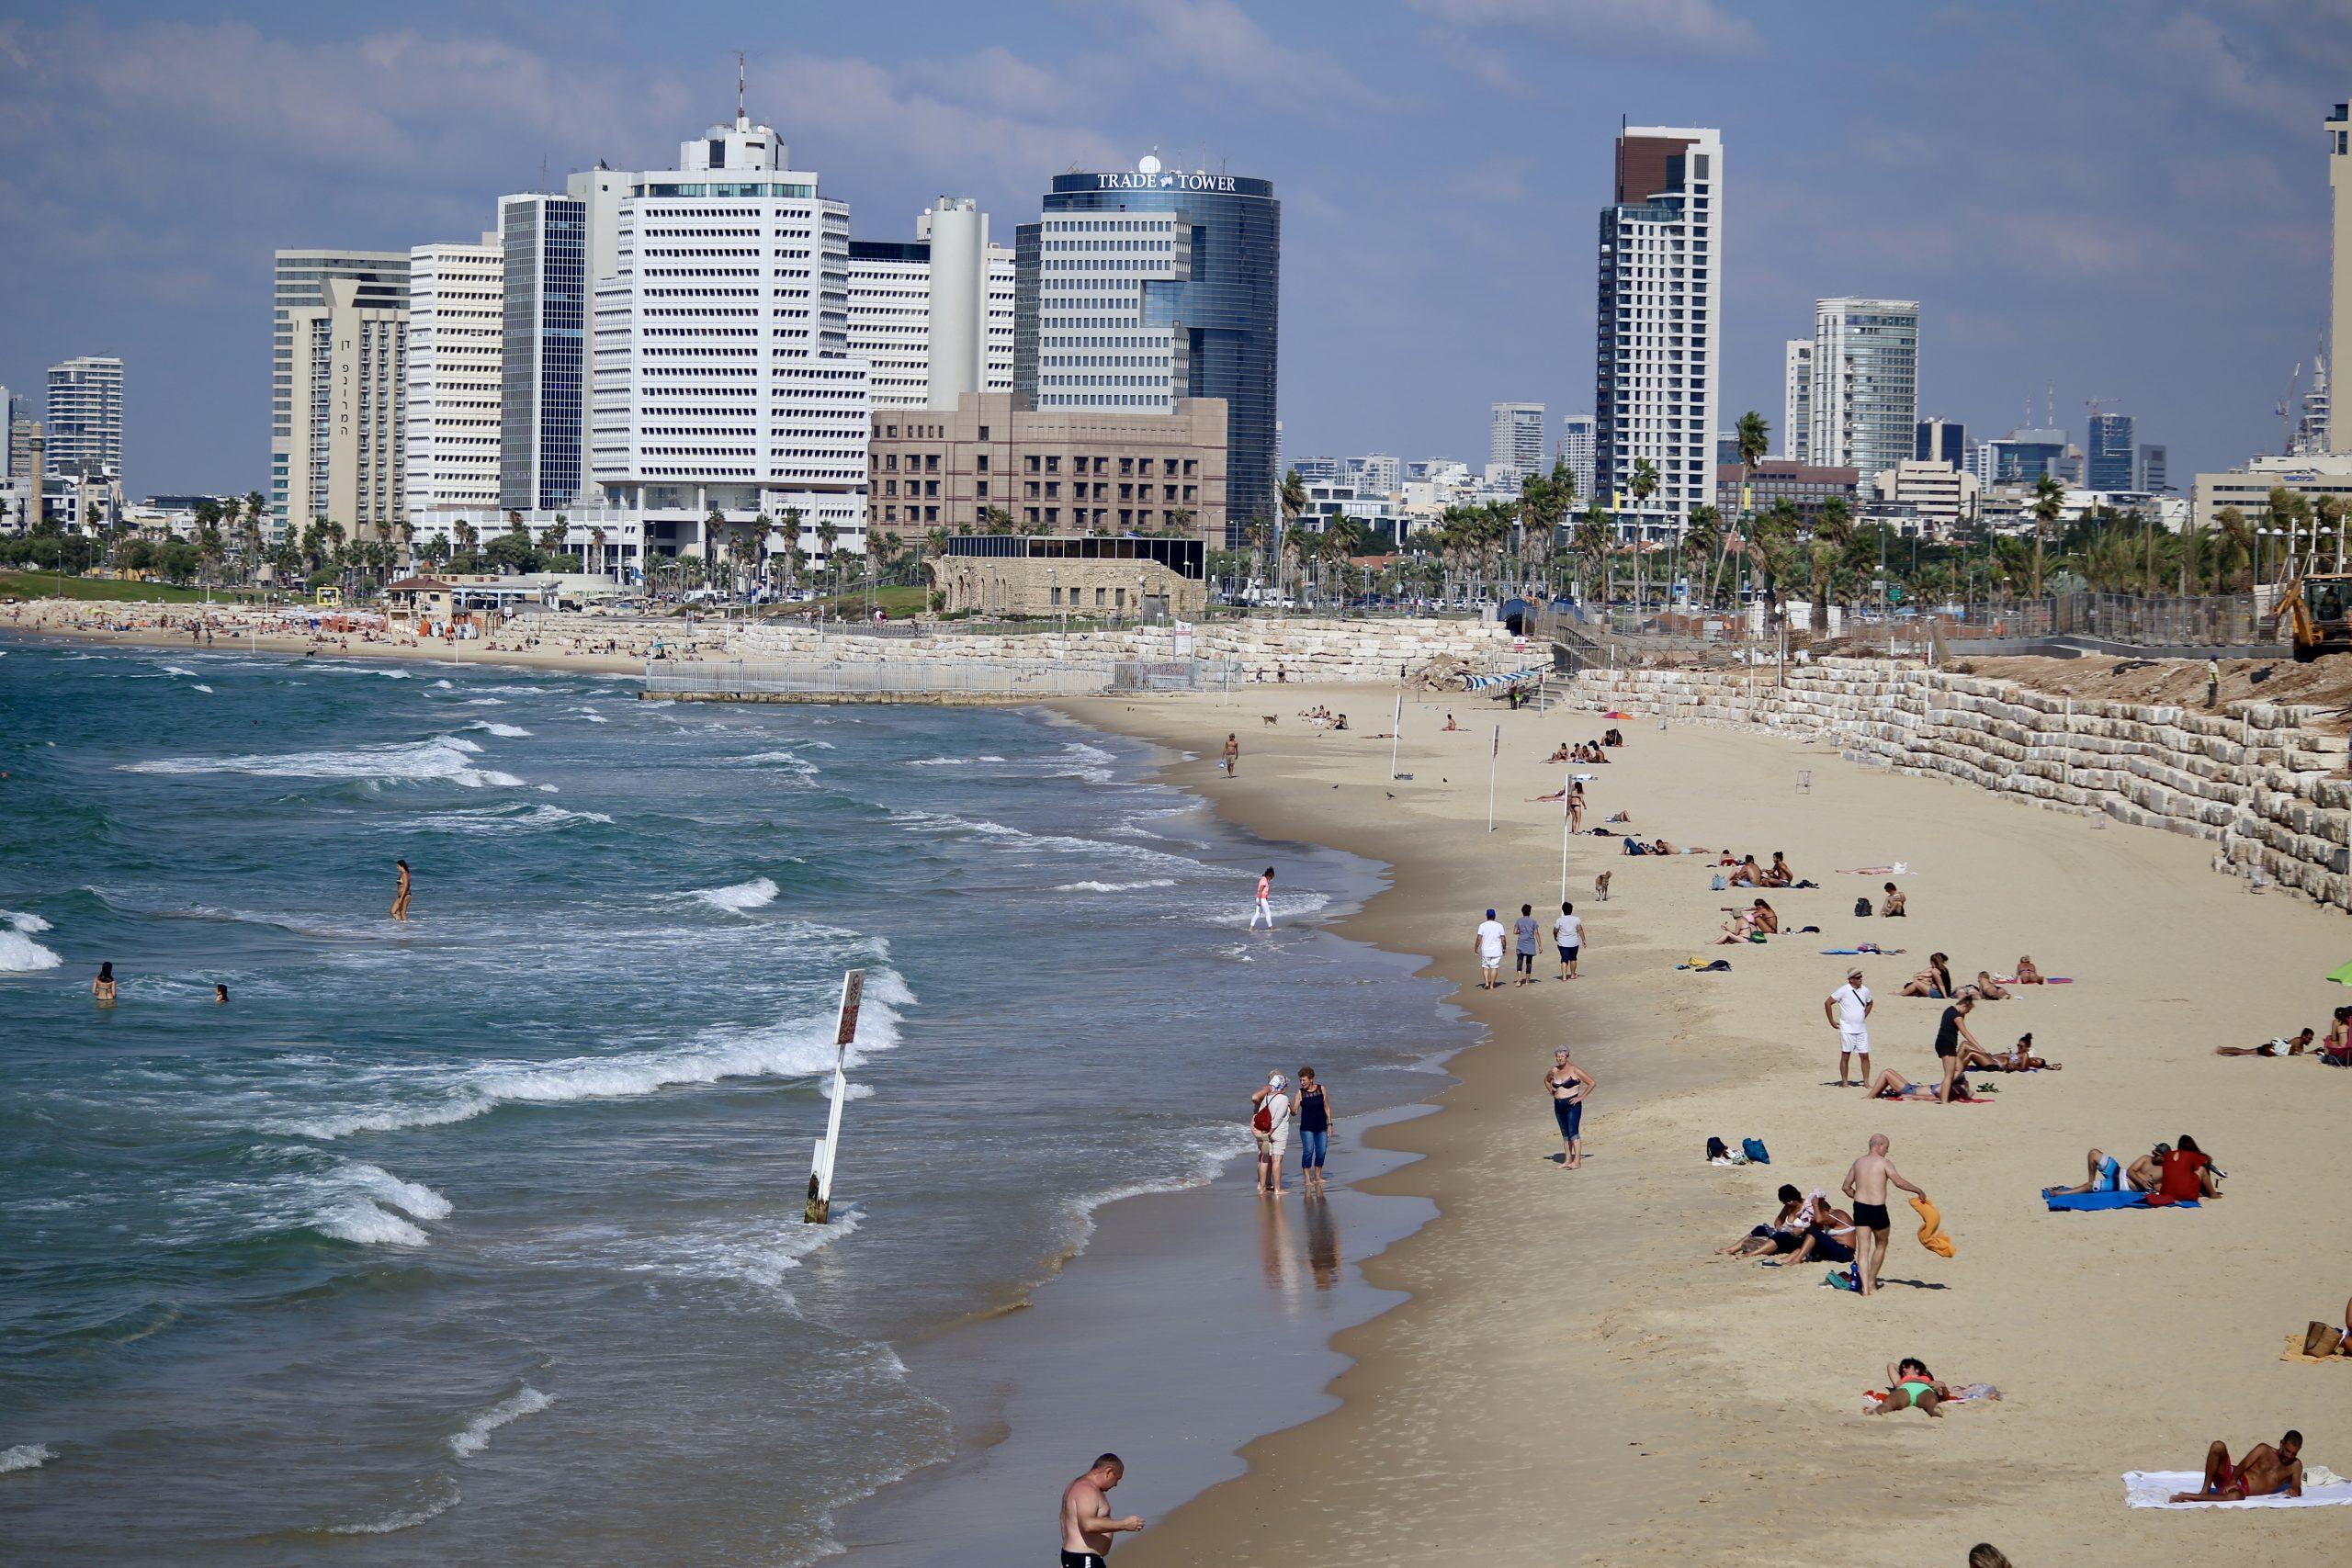 Tel Aviv, the City that Never Sleeps